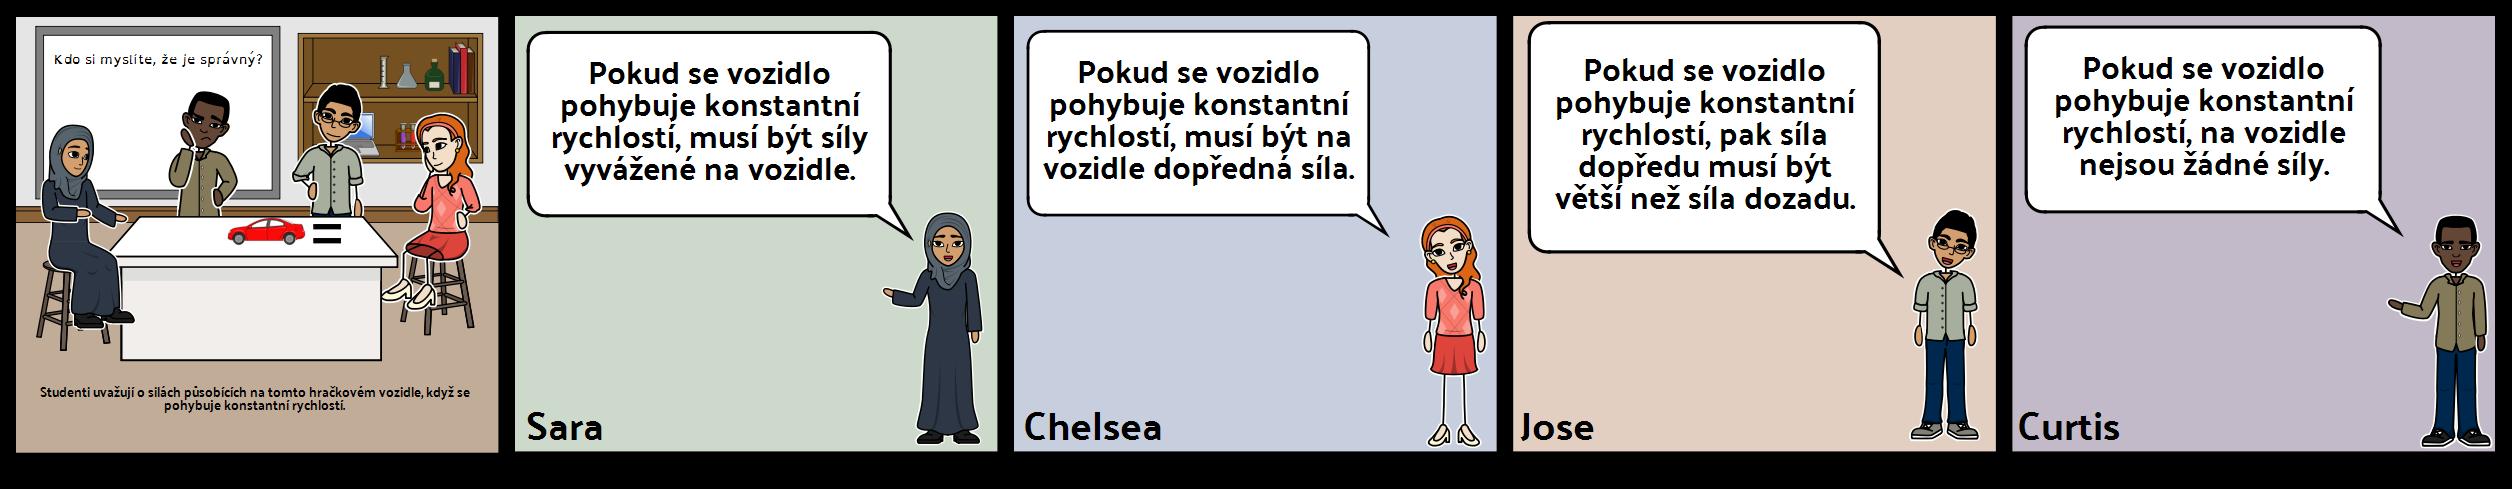 Diskuze Storyboard - MS - Síly